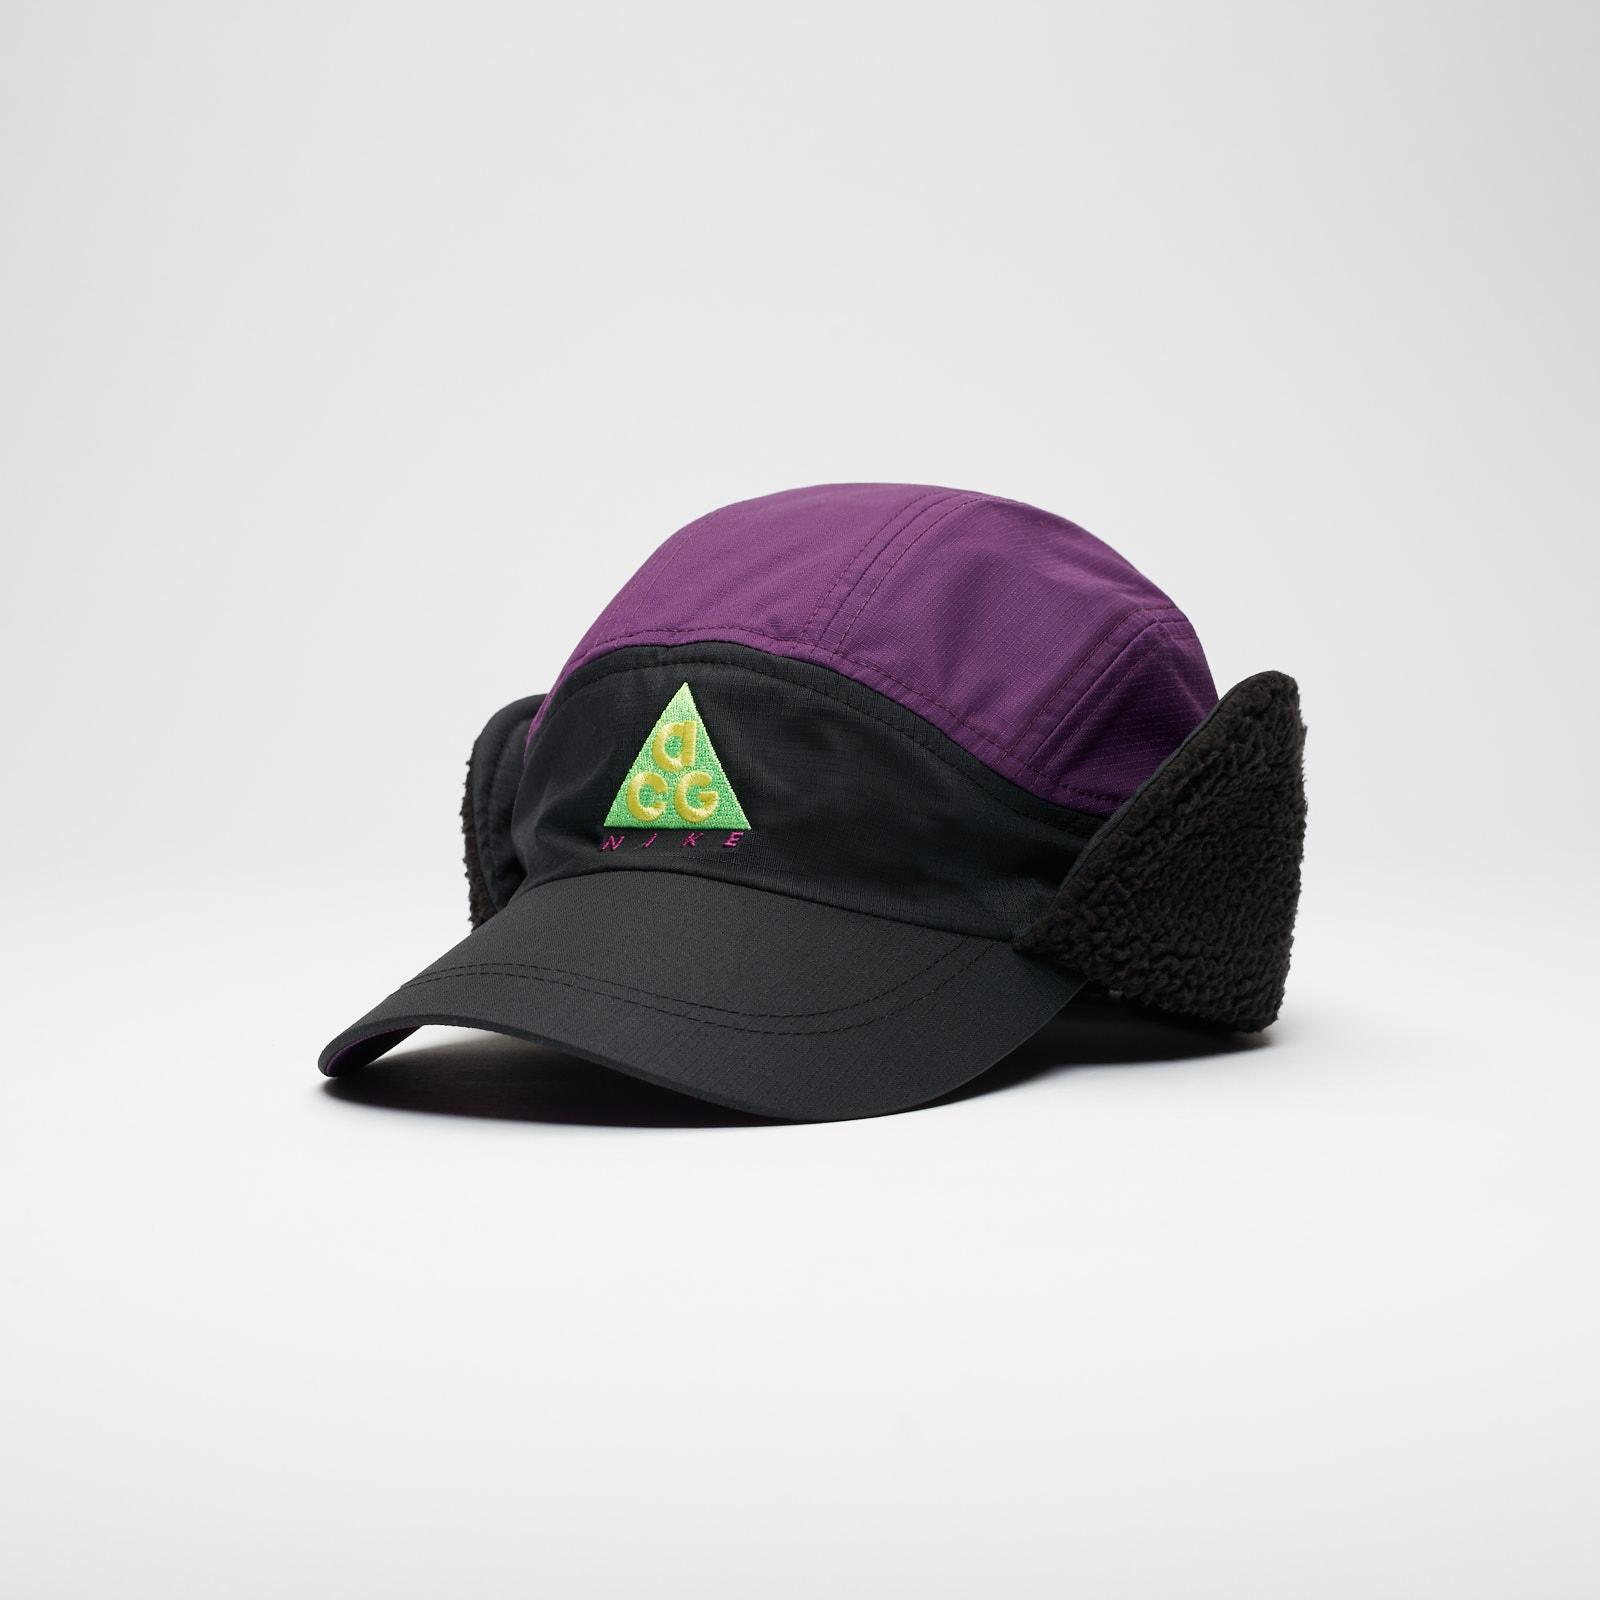 36aa1ba8efb Nike Tailwind Cap Sherpa - Ar0497-011 - Sneakersnstuff